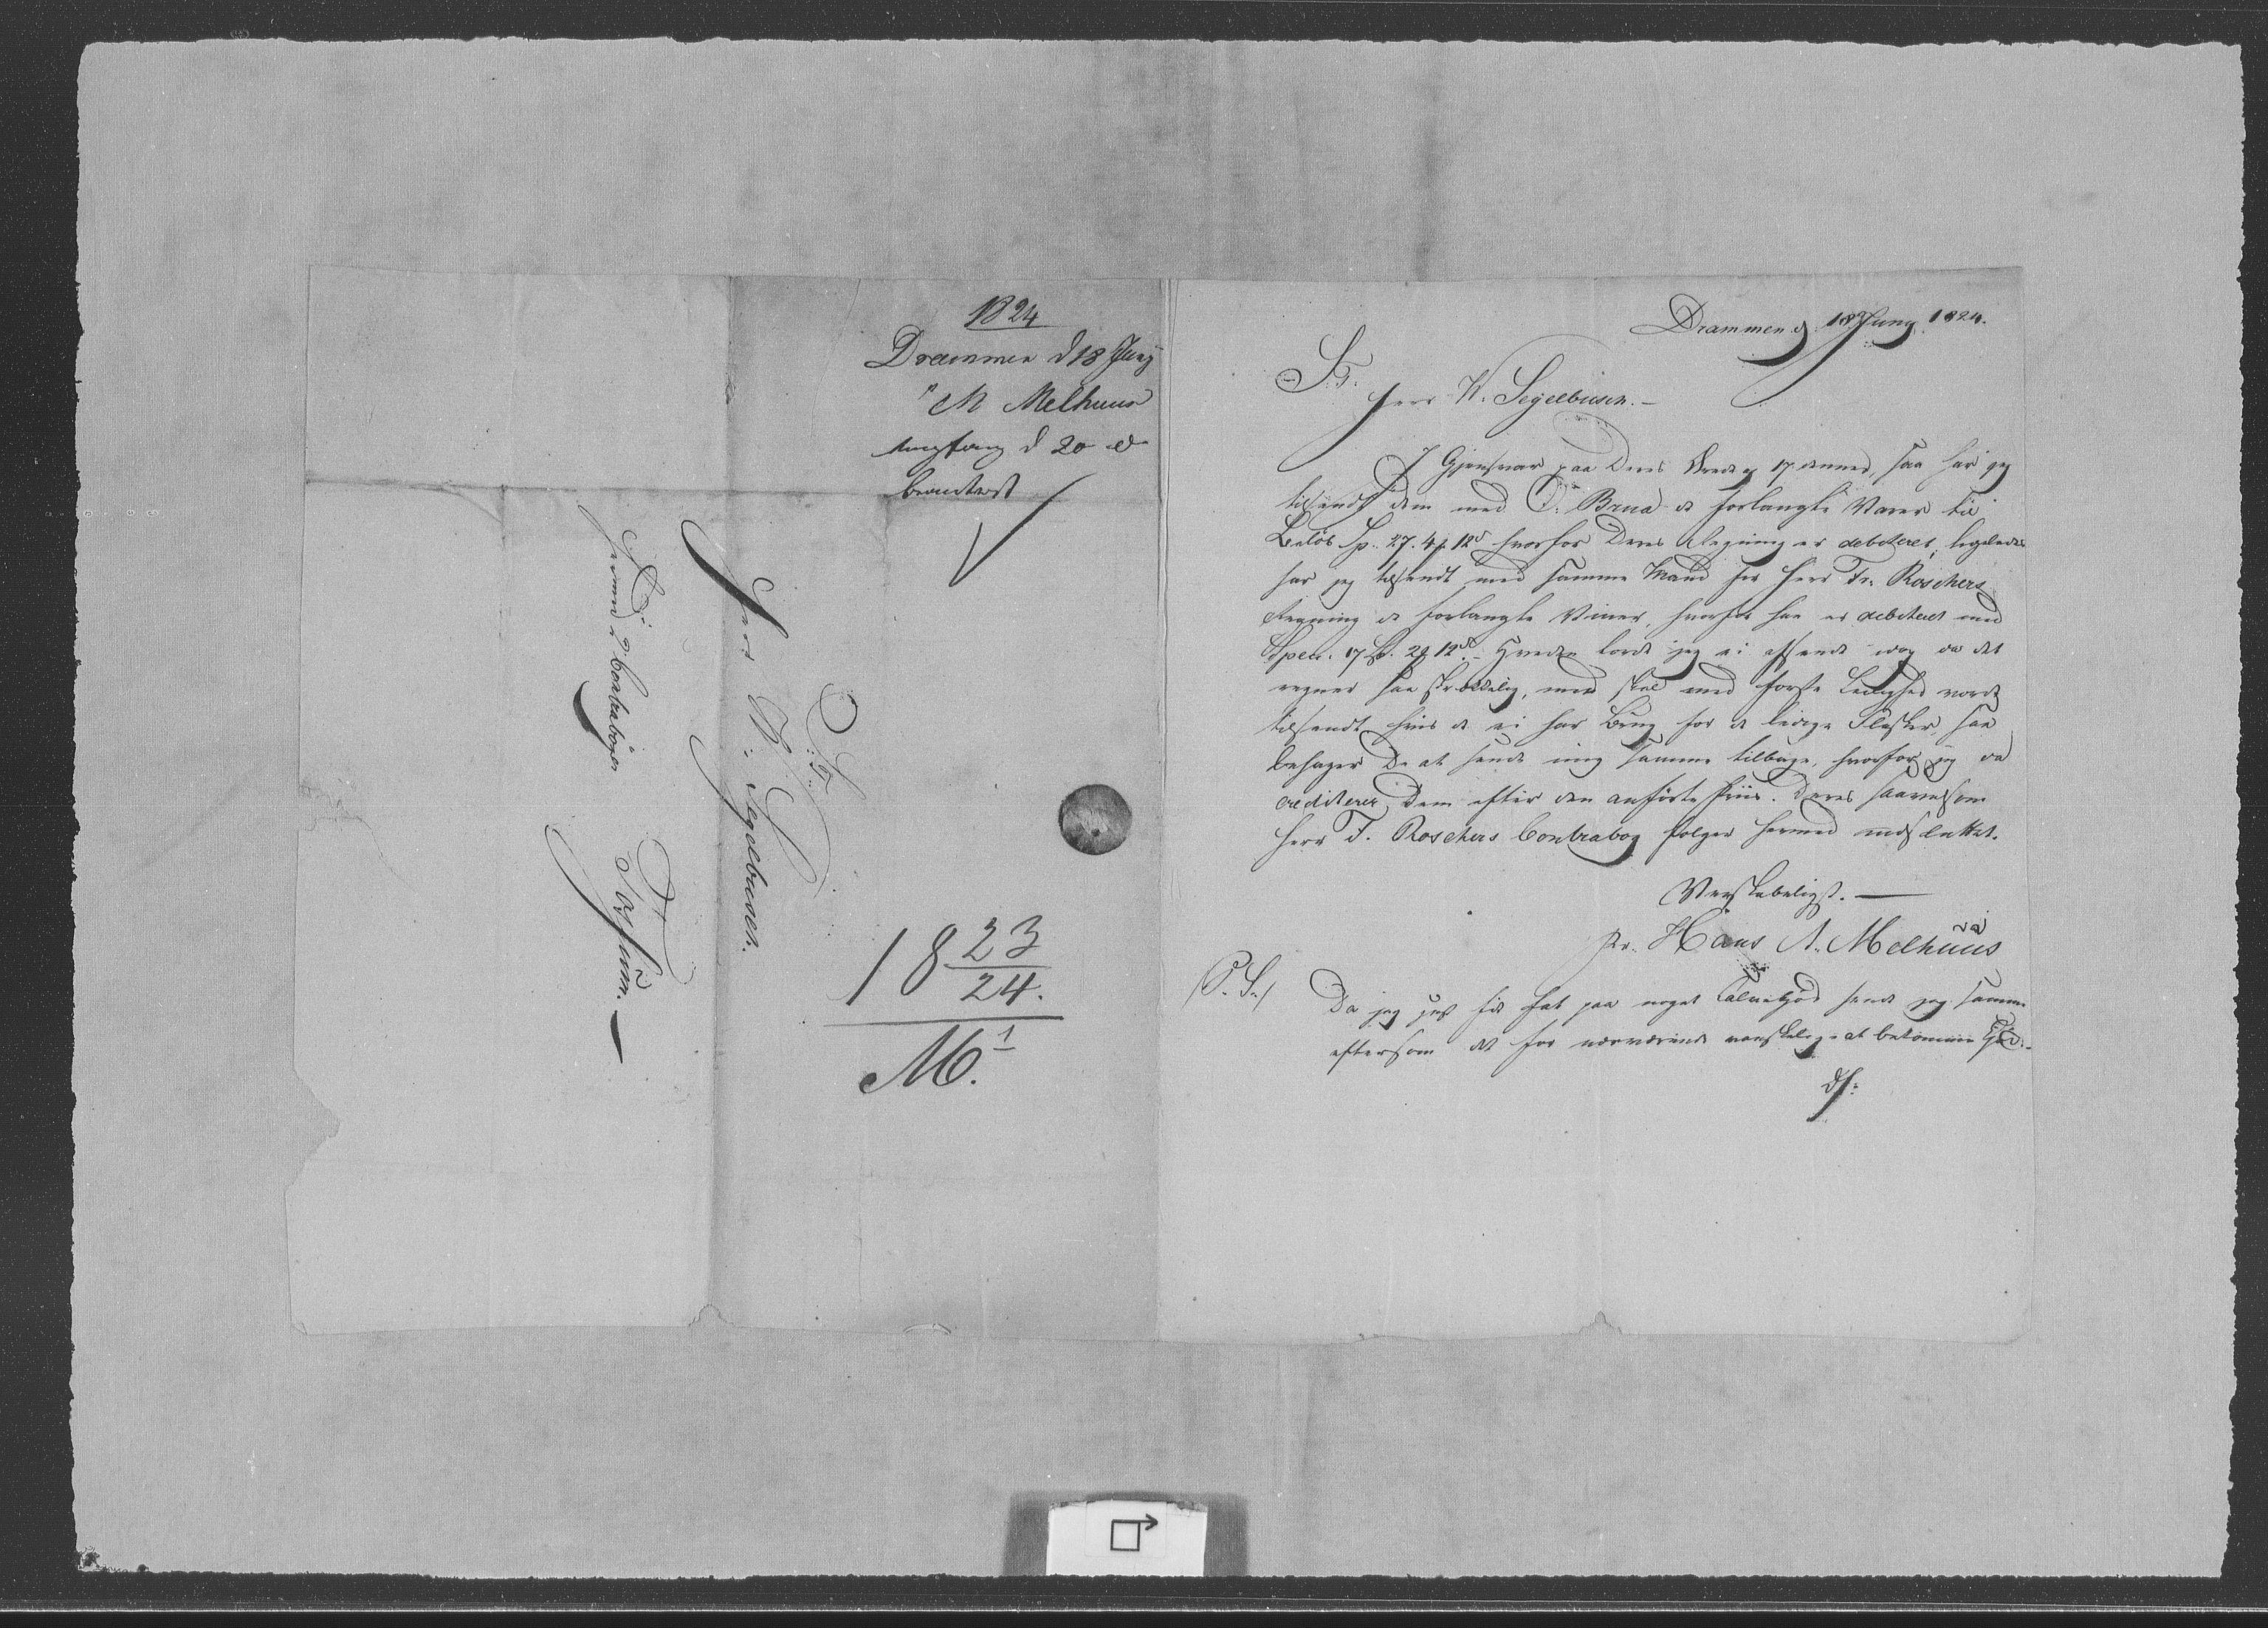 RA, Modums Blaafarveværk, G/Gb/L0092, 1823-1824, s. 2